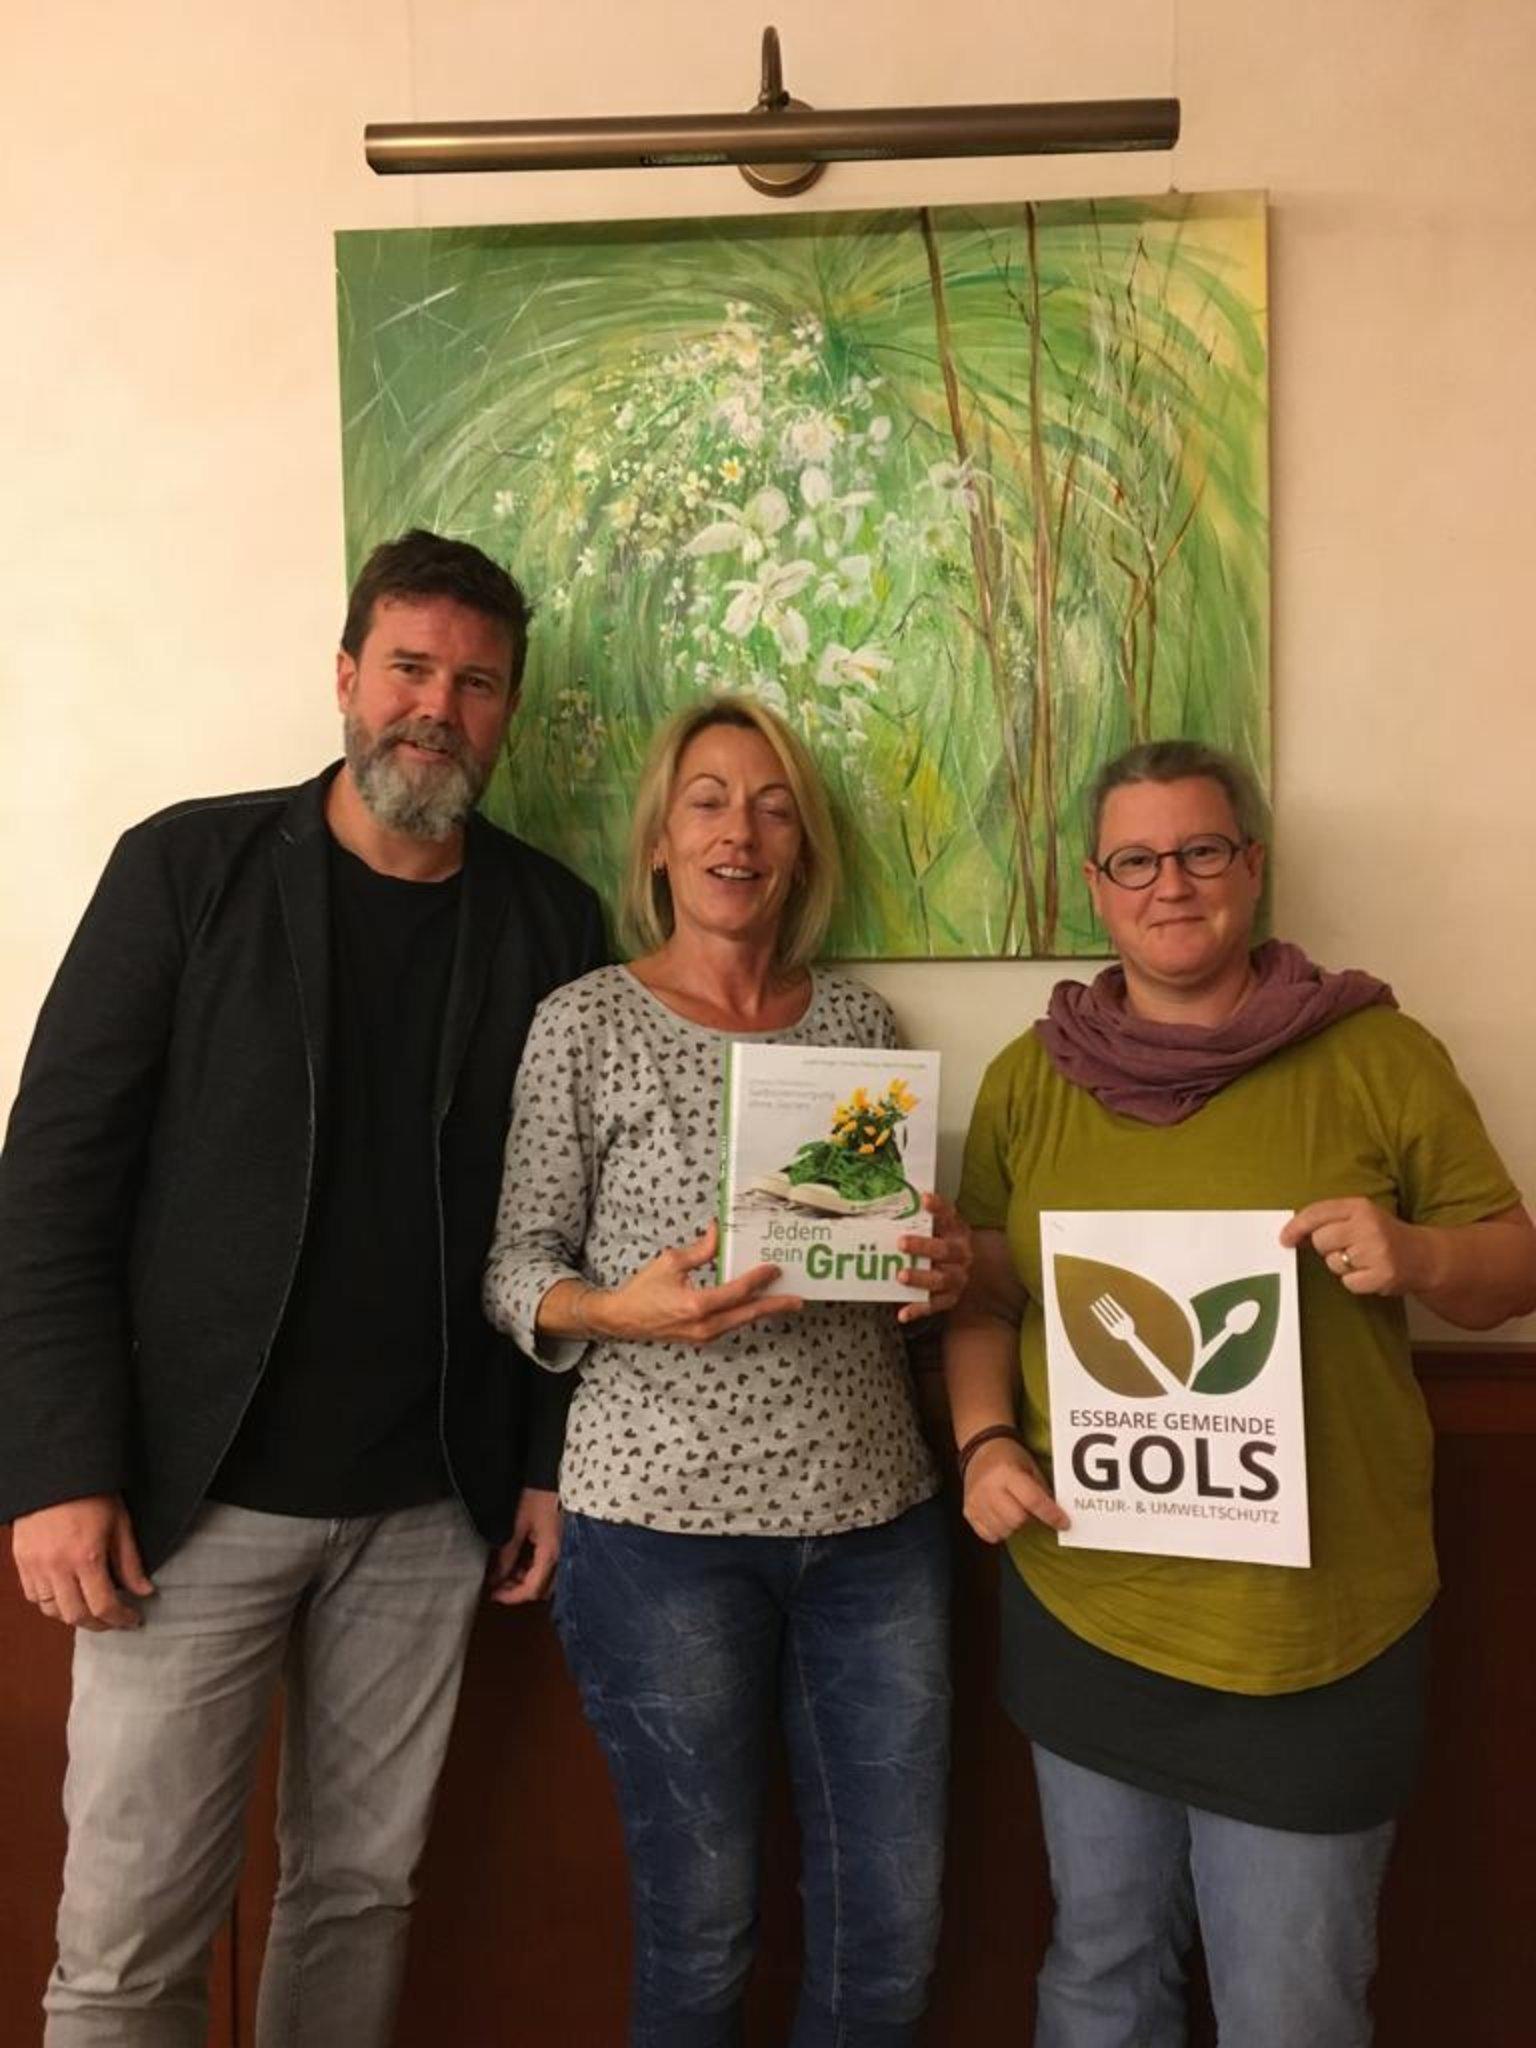 SV Gols - Sportverein Gols - Fuball im Nordburgenland